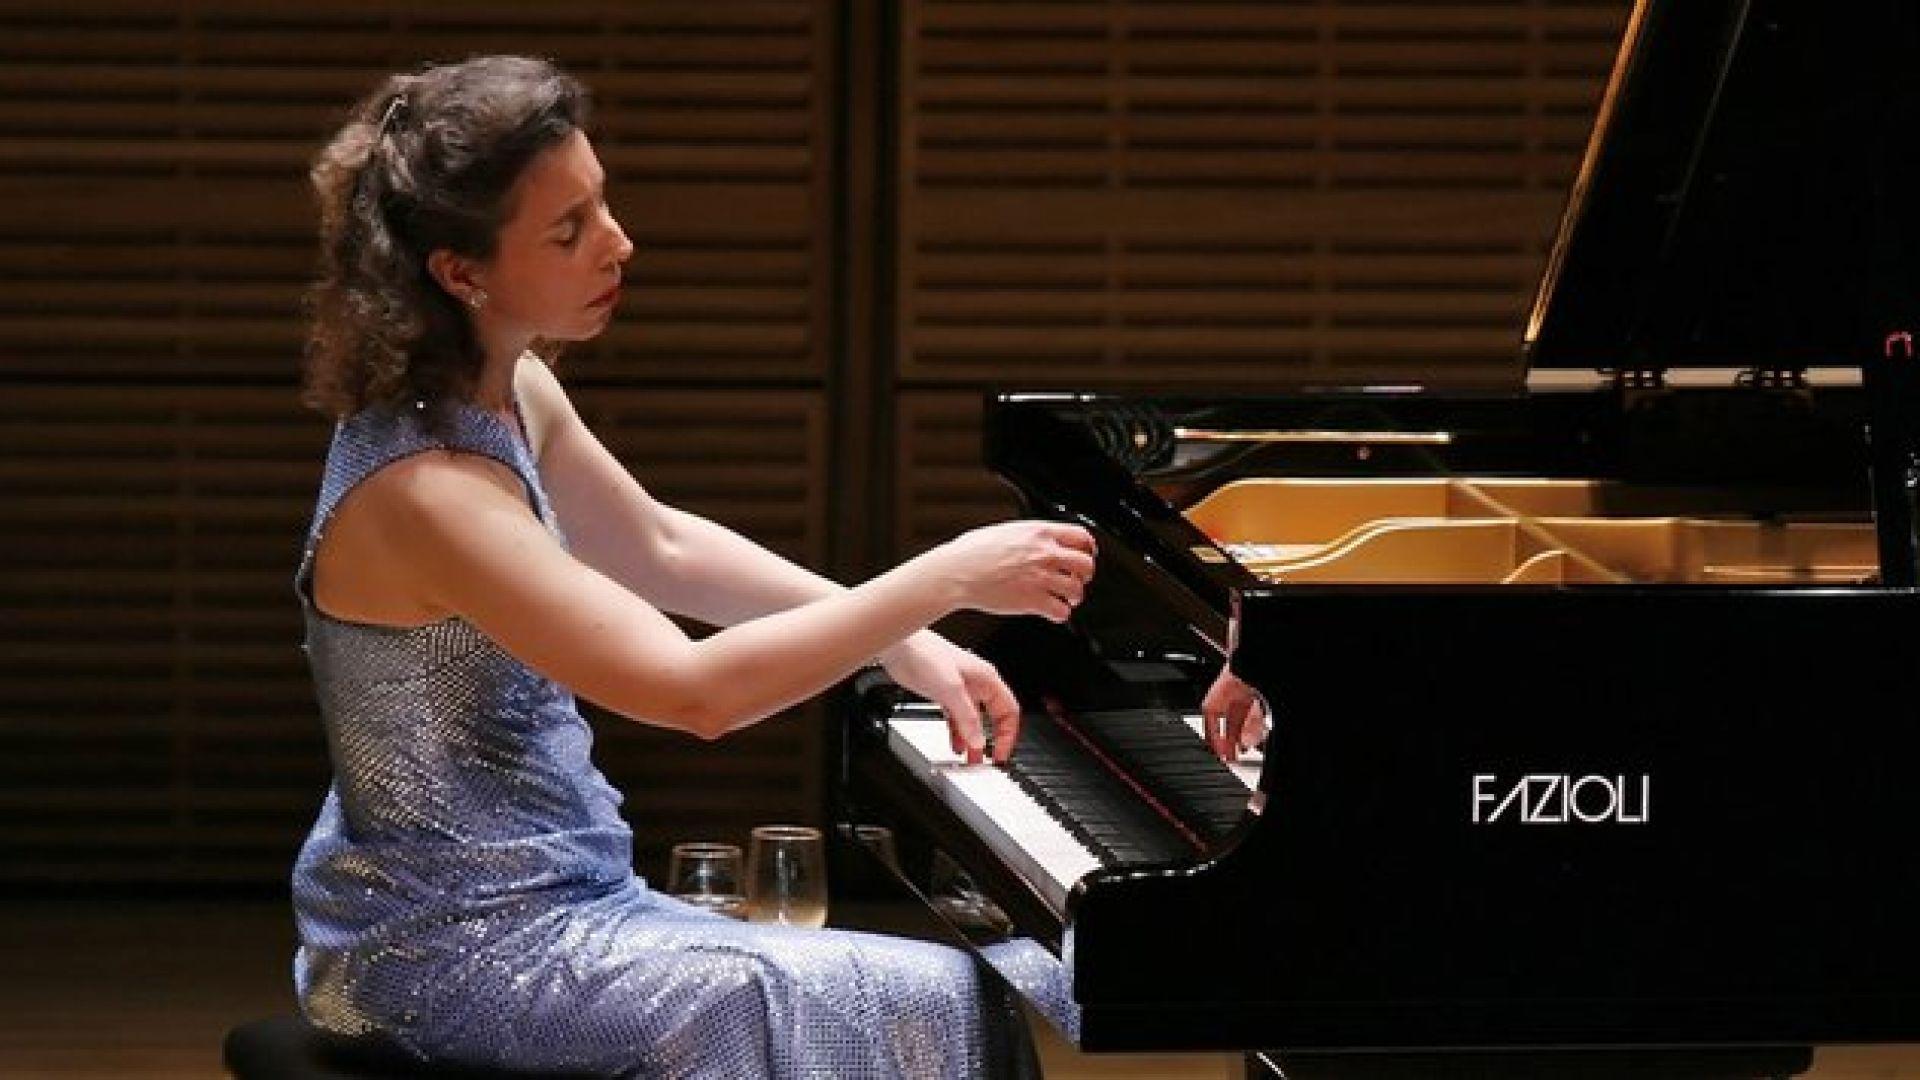 Германски хамали потрошиха уникалния роял на канадска виртуозна пианистка